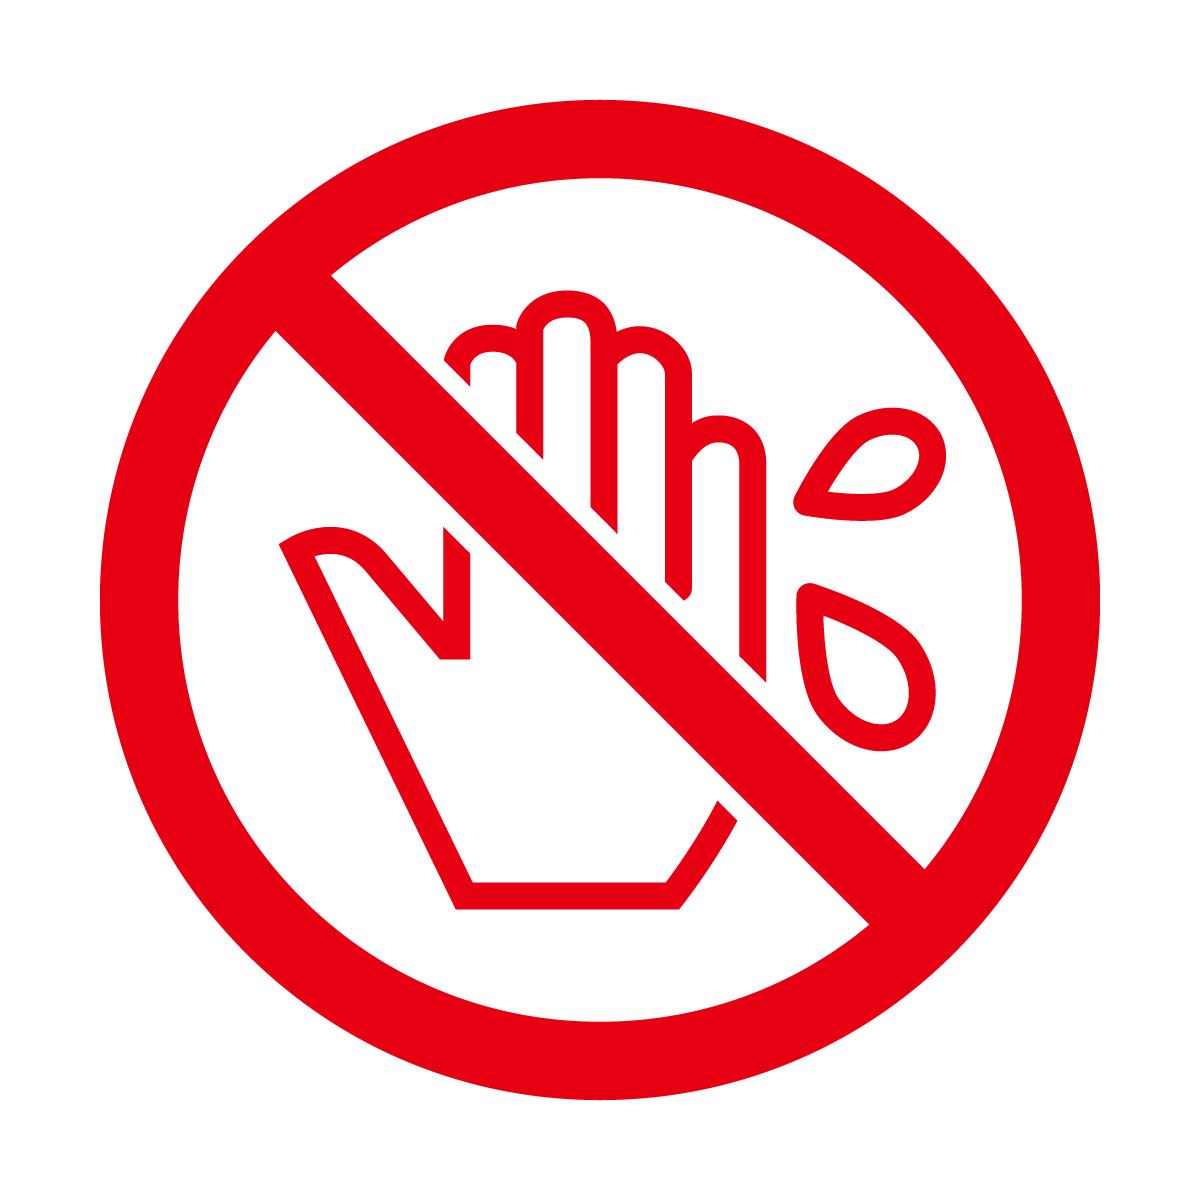 赤色の濡れ手でさわるな禁止マークのカッティングステッカー・シール